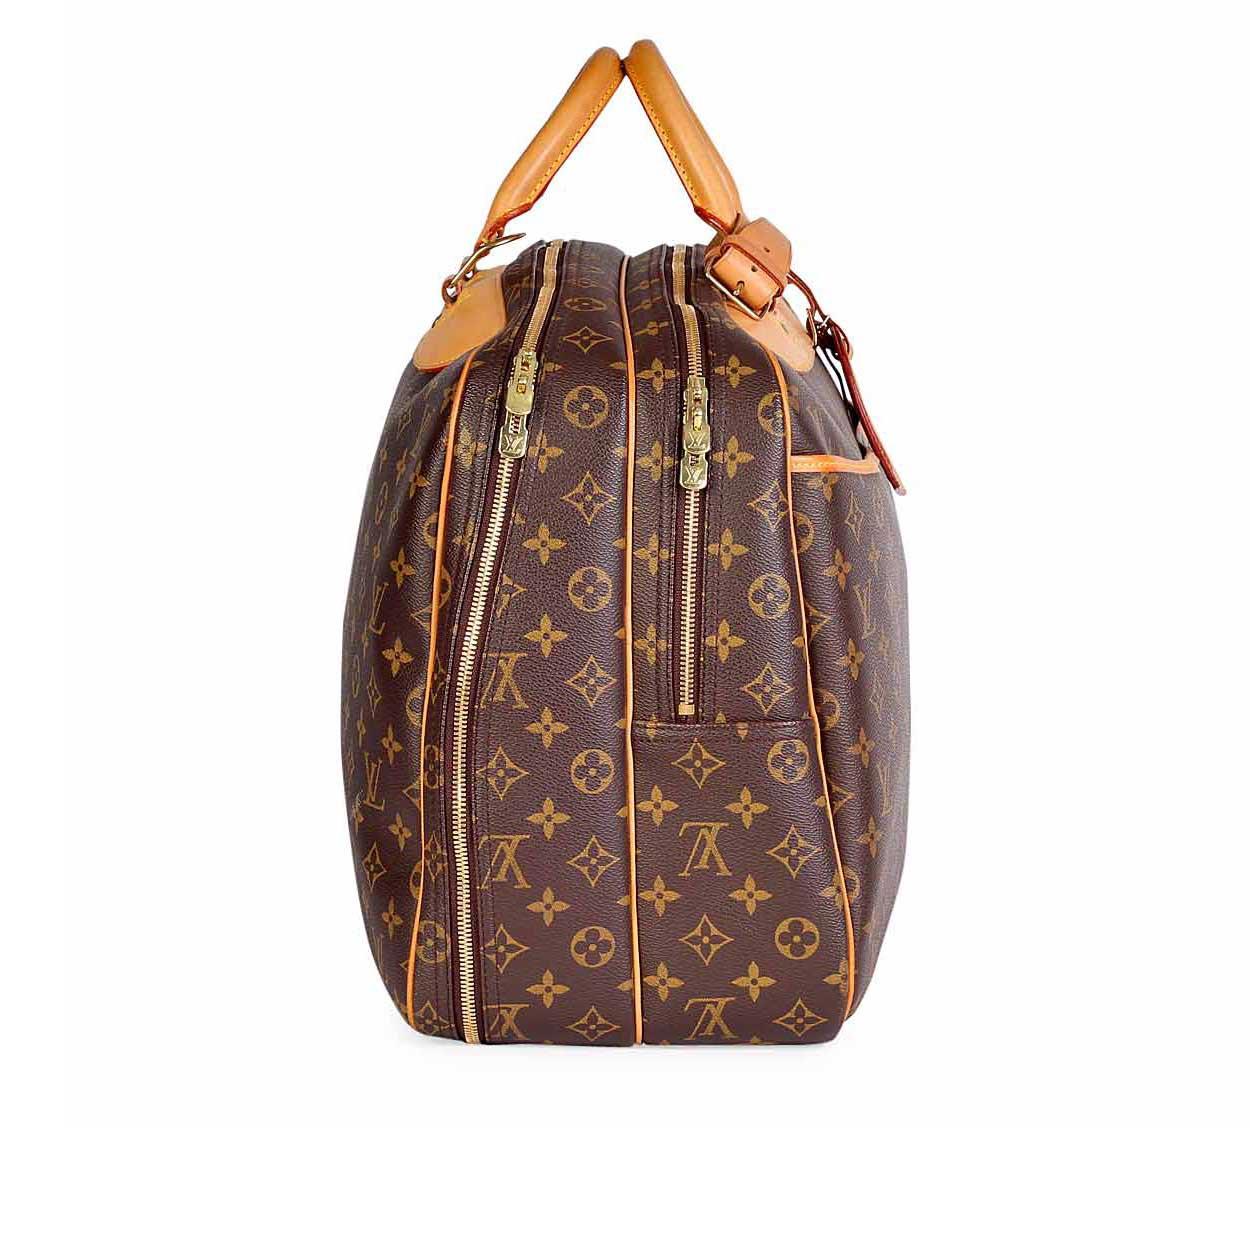 LOUIS-VUITTON-Monogram-Vintage-Alize-2-Poches-Travel-Bag--Side-1 ... ef7cbc57546f7